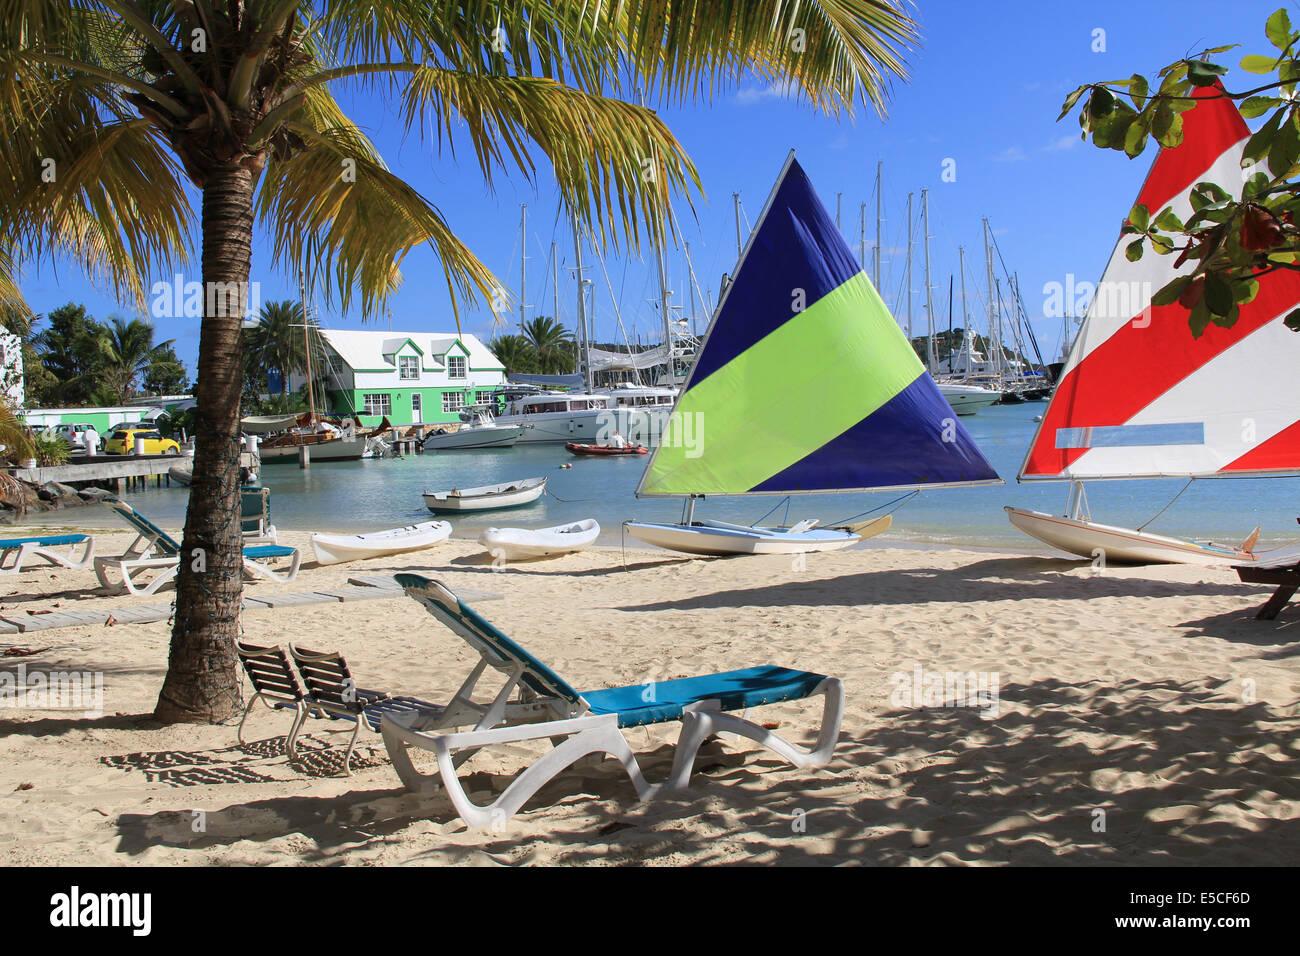 Wind surf boards seduto su una spiaggia dell' albergo vicino a Falmouth Harbour Marina in Antigua Barbuda. Immagini Stock